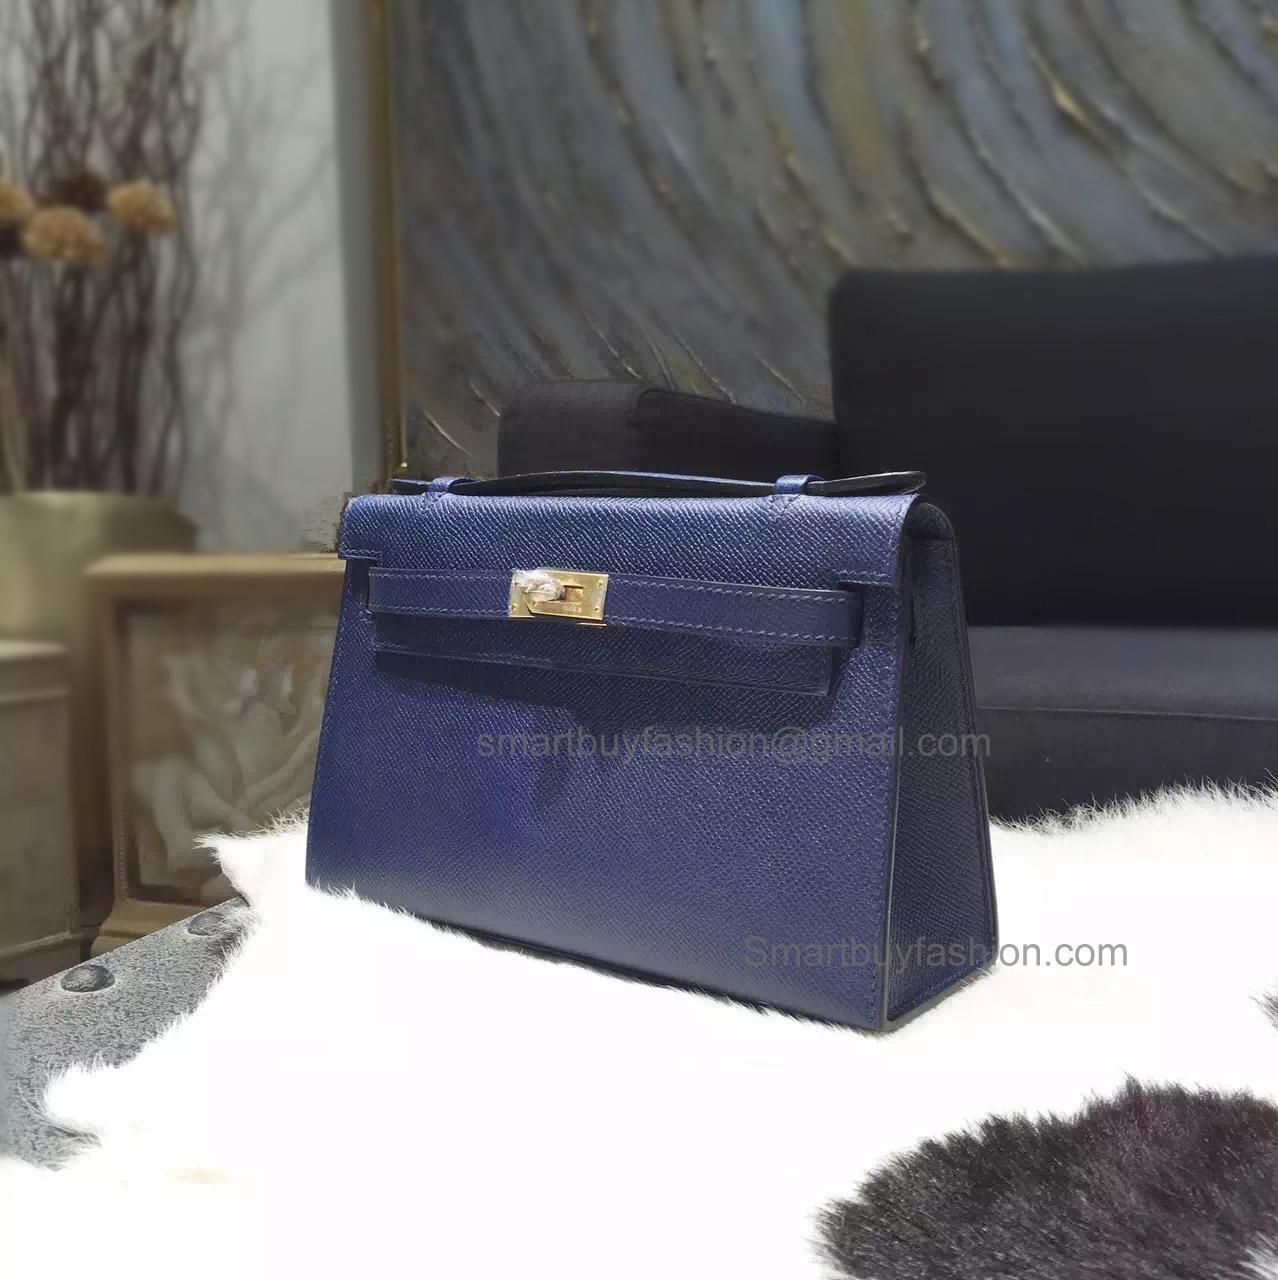 42c829fe936c Hermes Mini Kelly 22 Pochette Copy Bag in ck37 Blue Saphir Epsom Calfskin  GHW